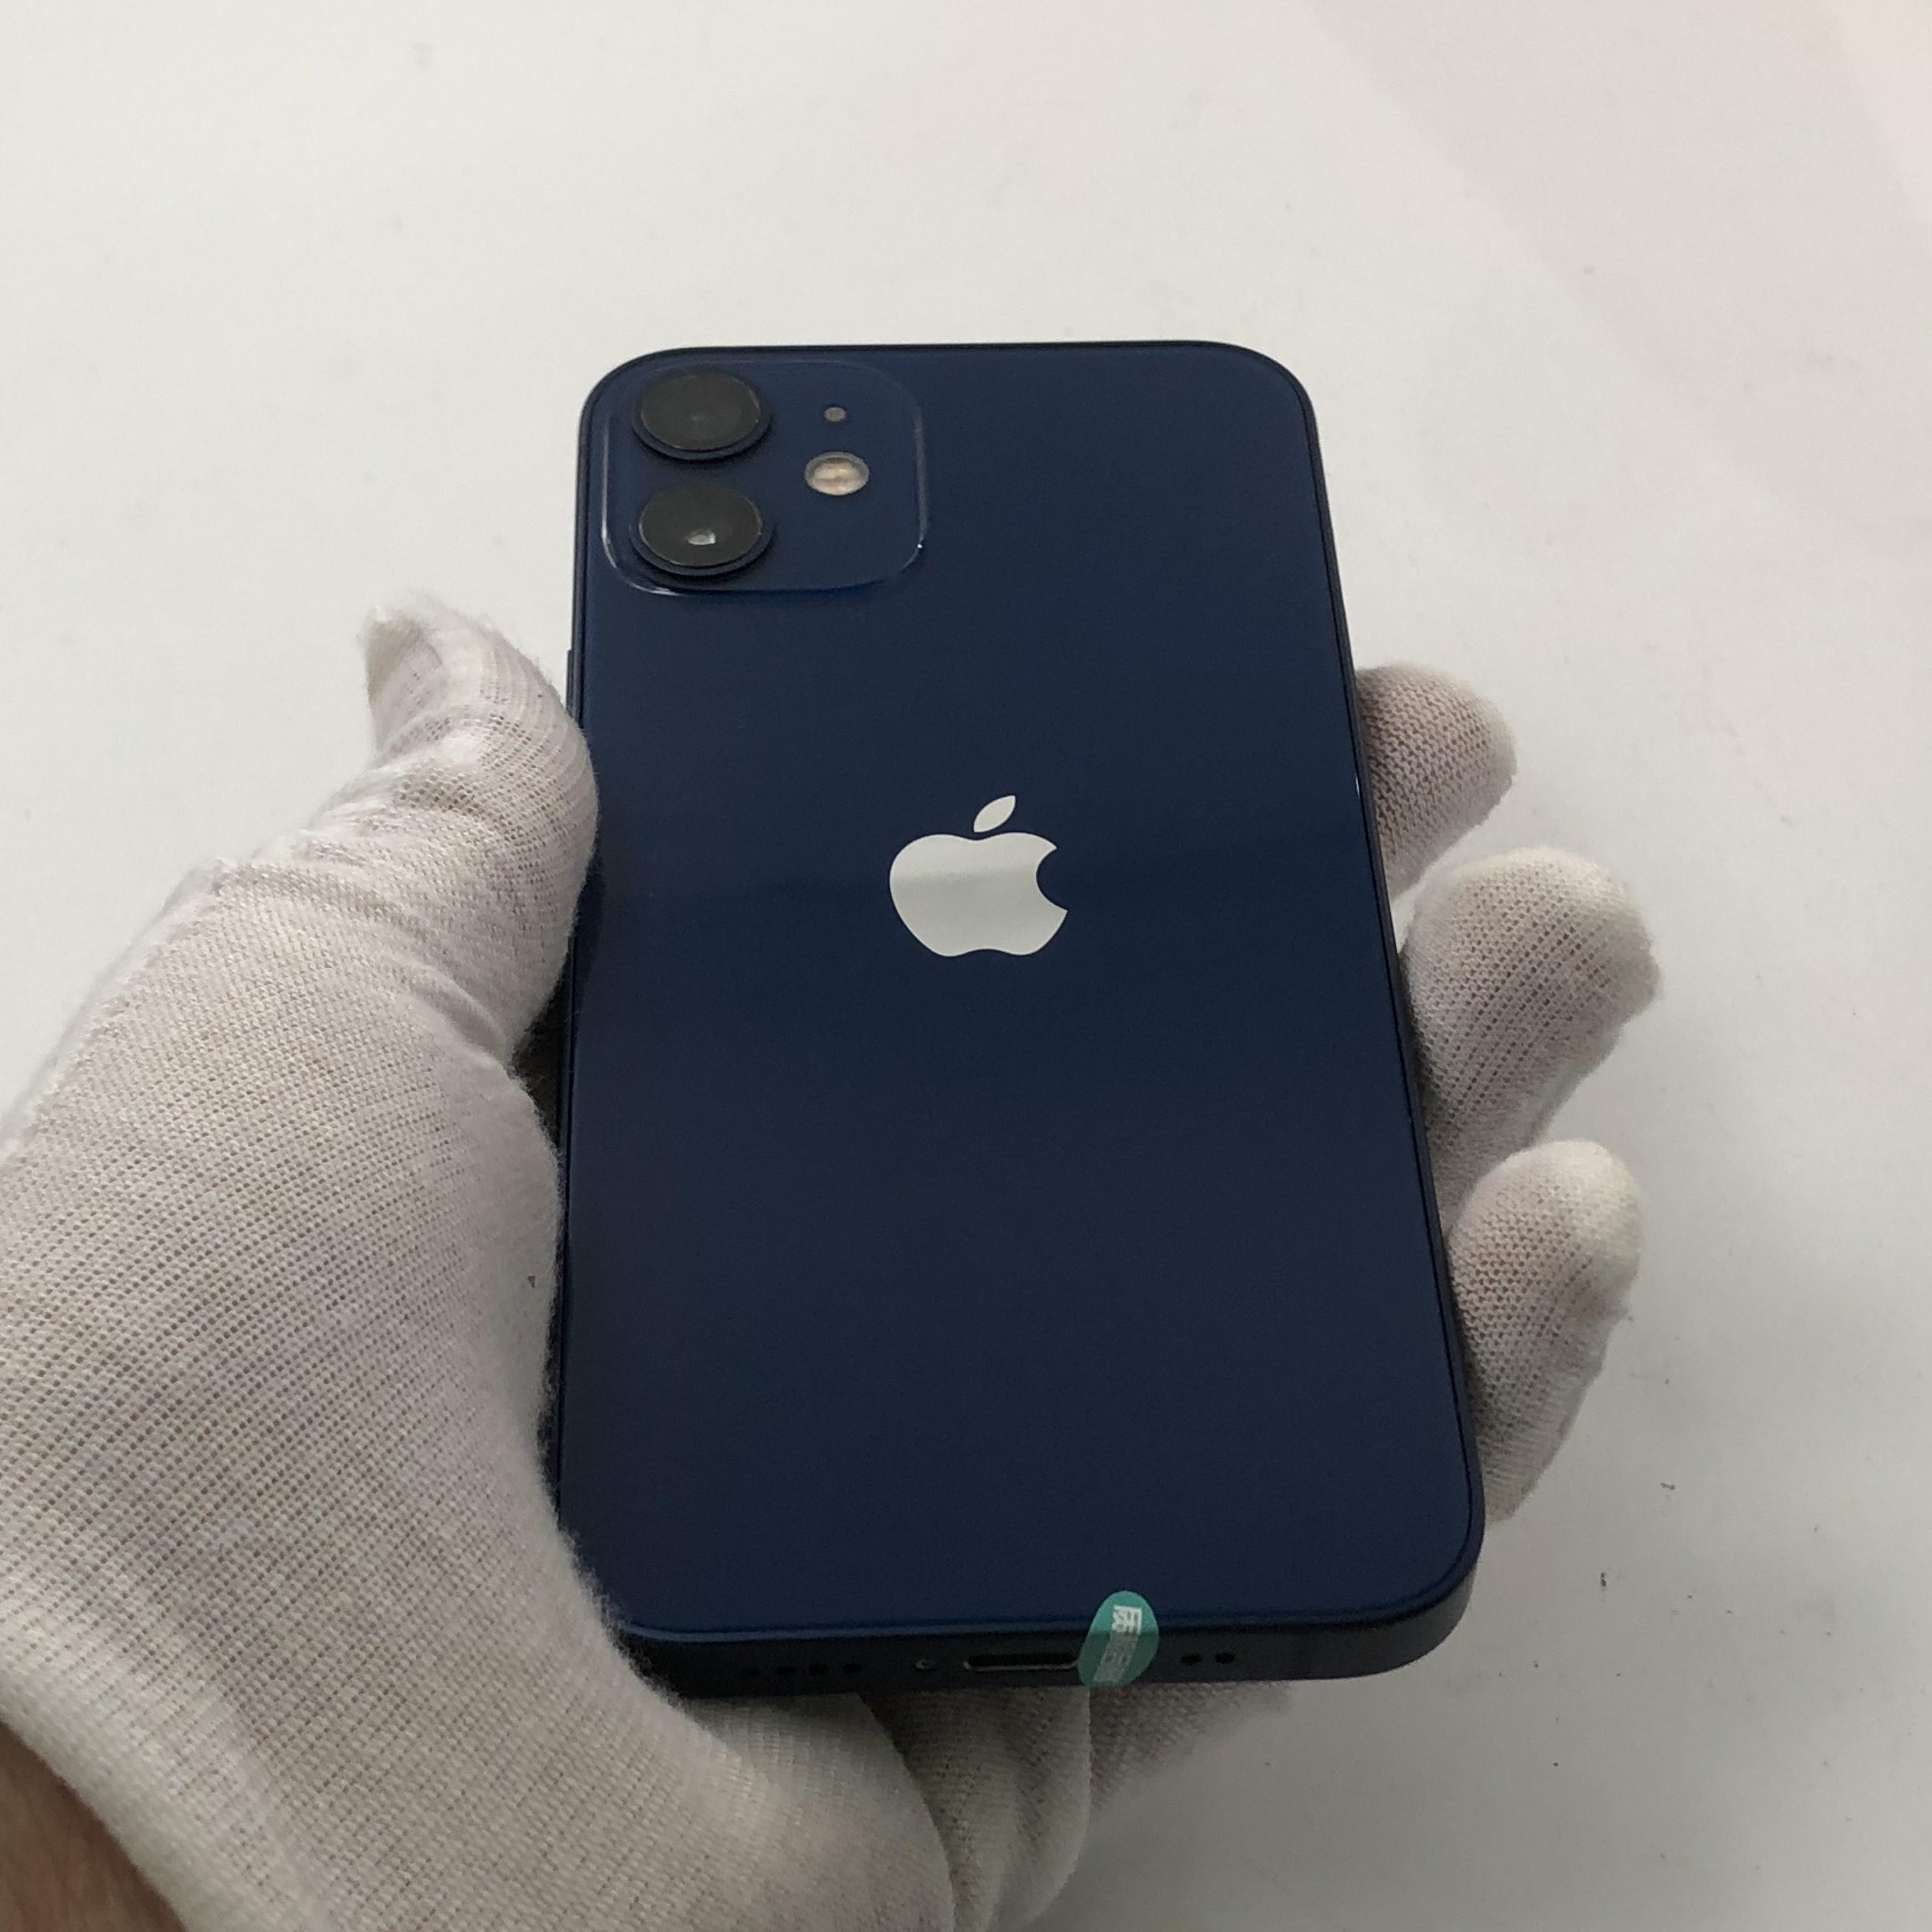 苹果【iPhone 12 mini】5G全网通 蓝色 128G 国行 95新